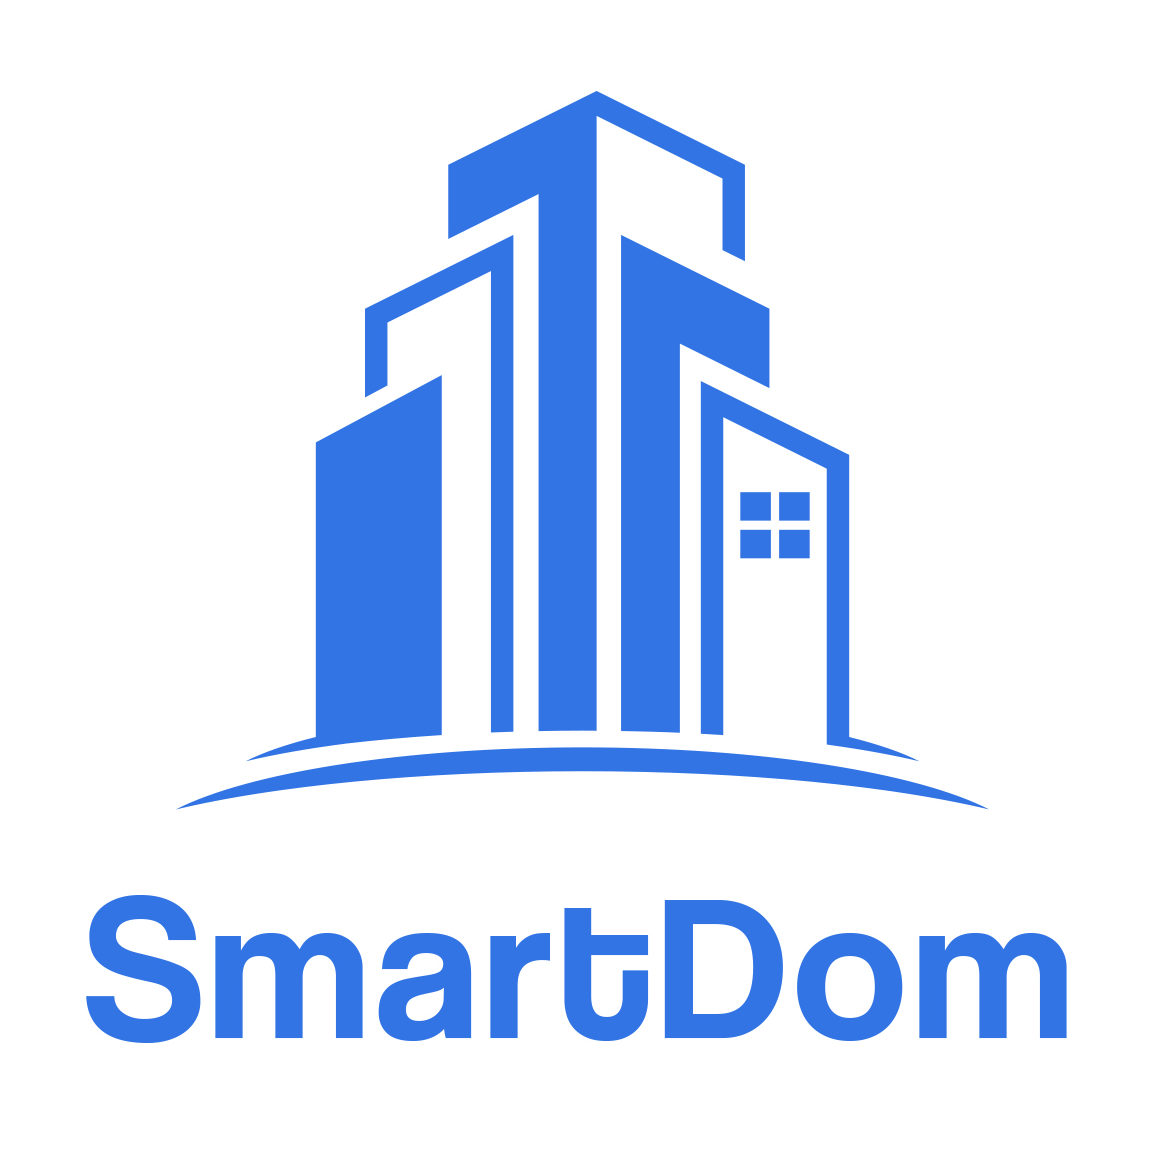 SmartDom